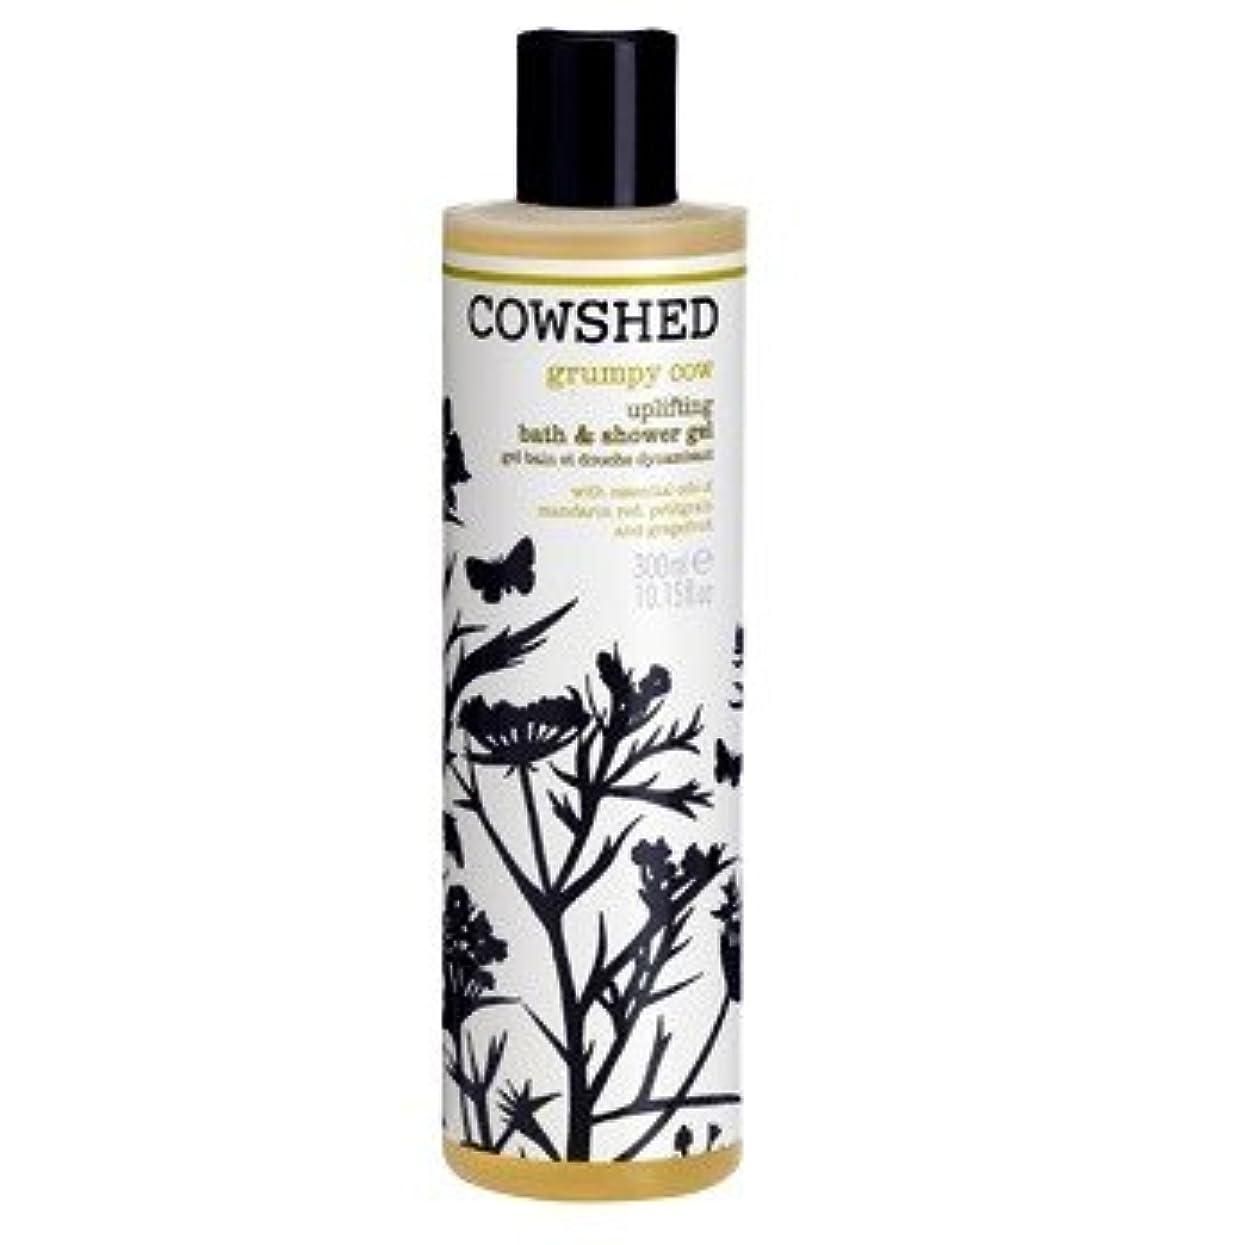 花瓶モードリン連続した牛舎気難しい牛高揚バス&シャワージェル300ミリリットル (Cowshed) (x2) - Cowshed Grumpy Cow Uplifting Bath & Shower Gel 300ml (Pack of 2) [並行輸入品]